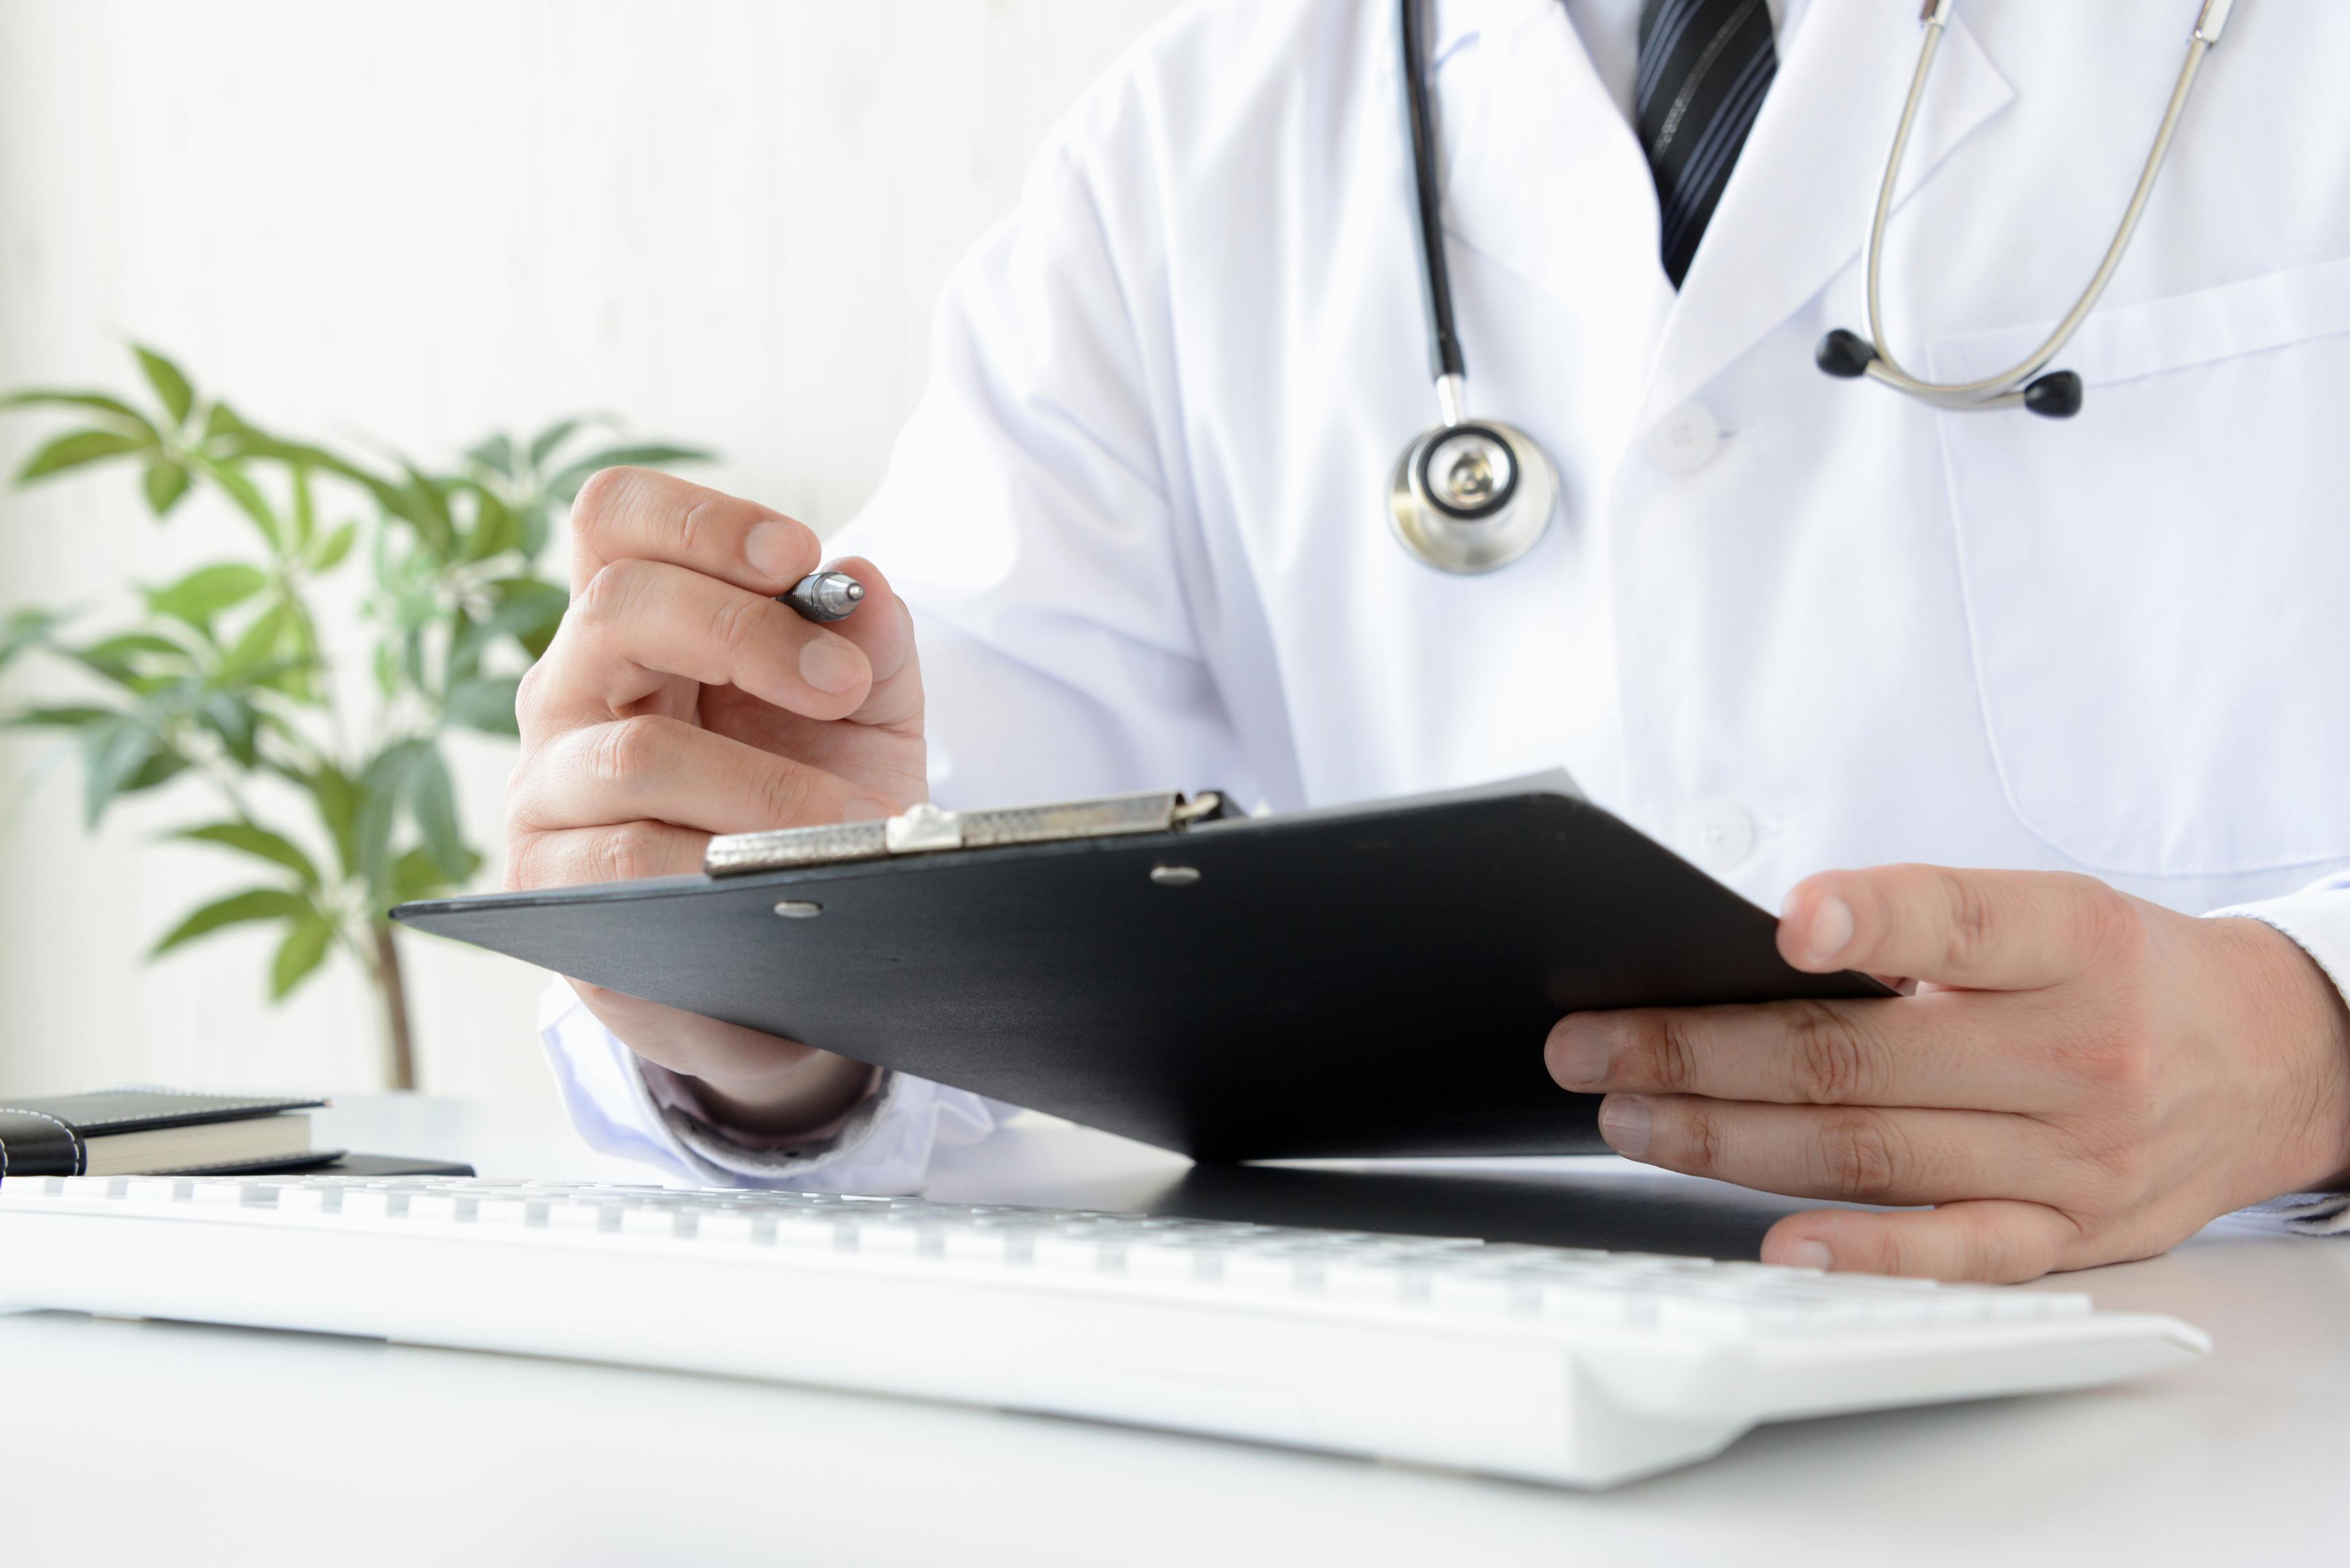 Eine Checkliste hilft Betriebsärzten und Diabetikern beim Umgang mit der Erkrankung im Berufsalltag. Bild: Fotolia / Takasu